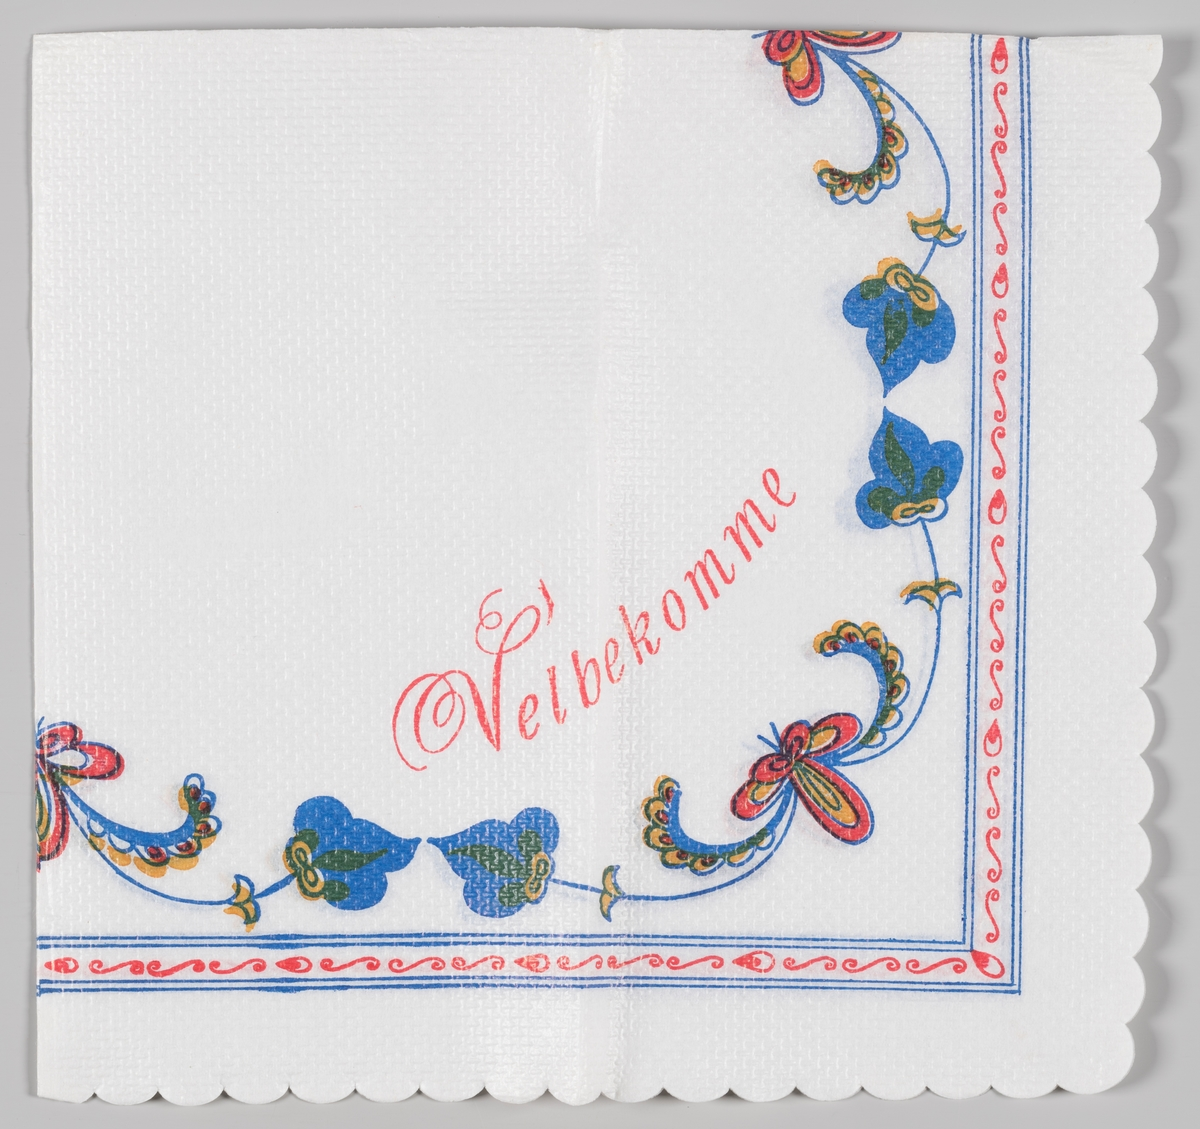 Rosemalte blomster innenfor en kantramme og reklameteksten Velbekomme (ukjent produkt).